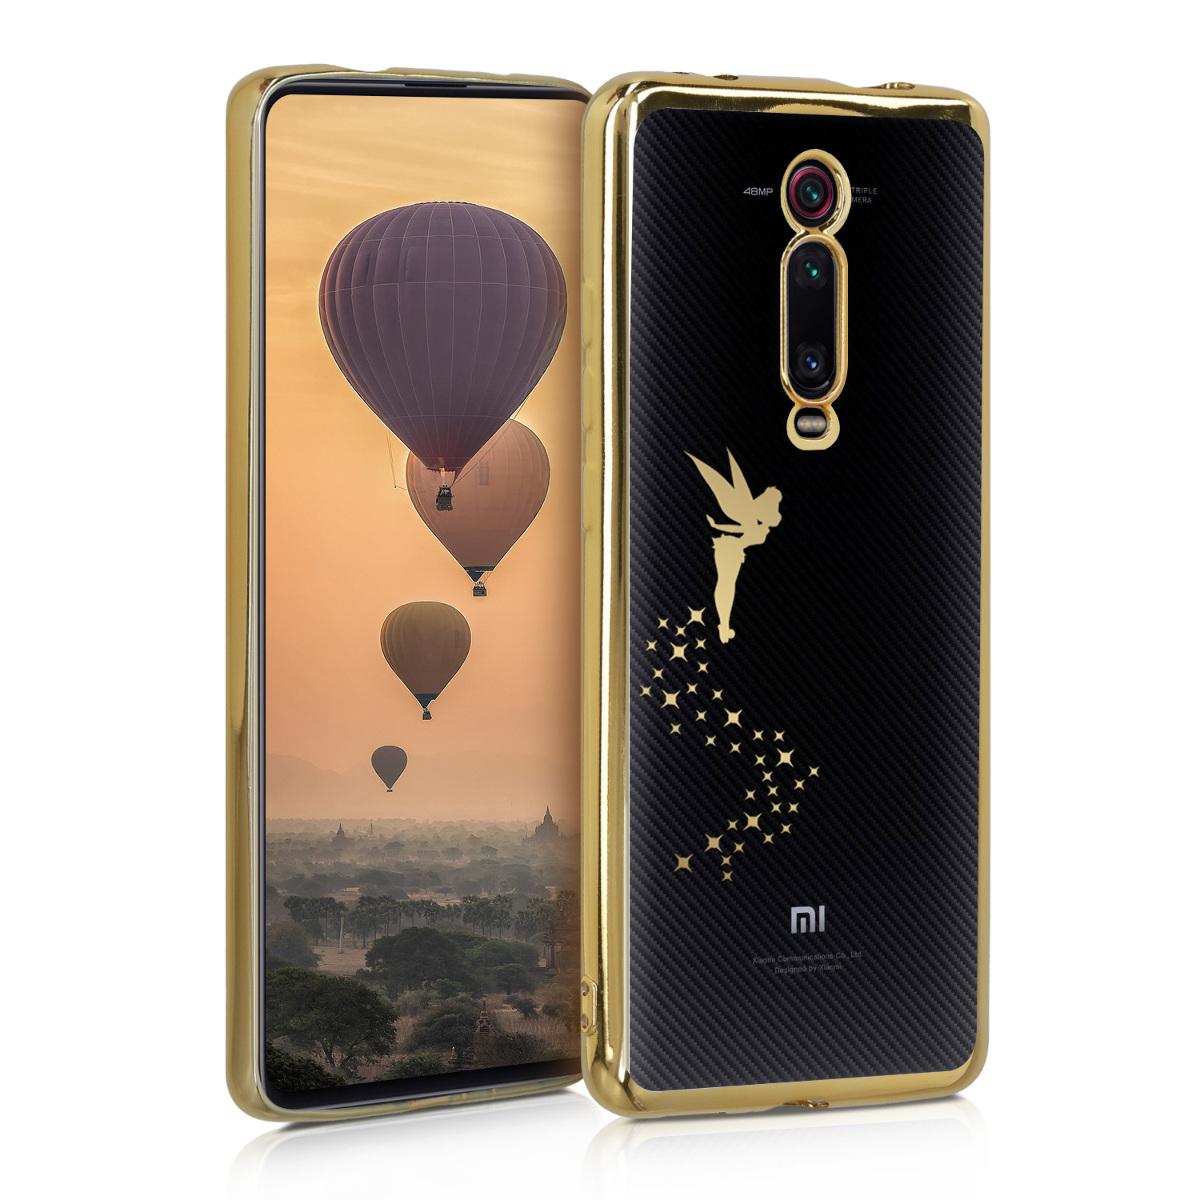 KW Θήκη Σιλικόνης Xiaomi Mi 9T / Redmi K20 Pro - Gold / Transparent (50374.01)